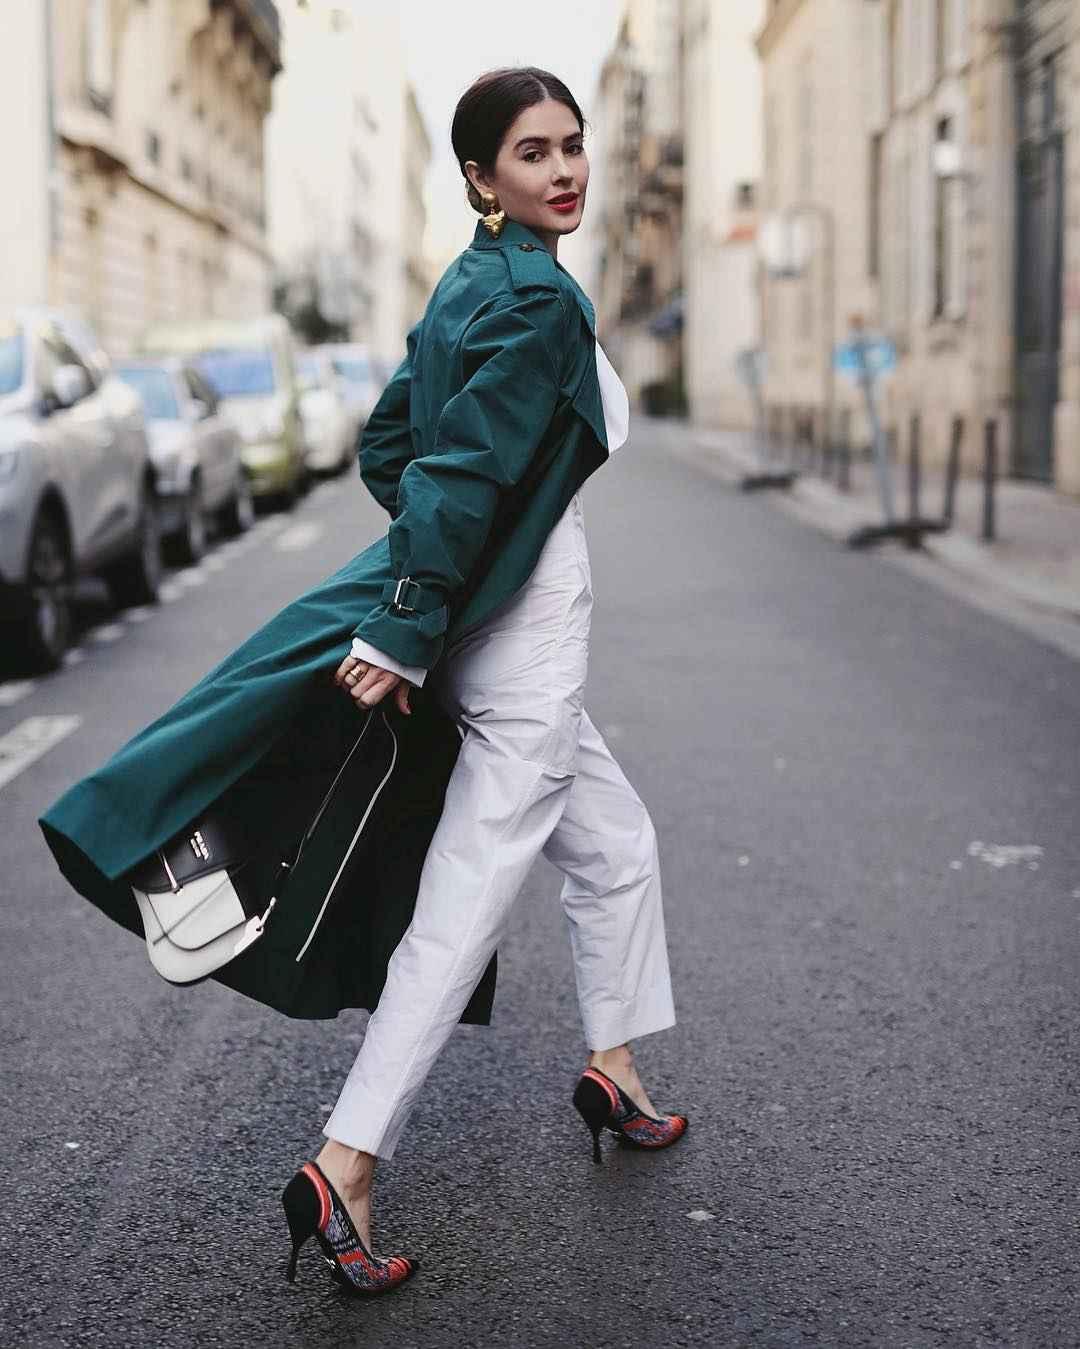 Модный офисный стиль 2019-2020 с брюками фото идеи_13